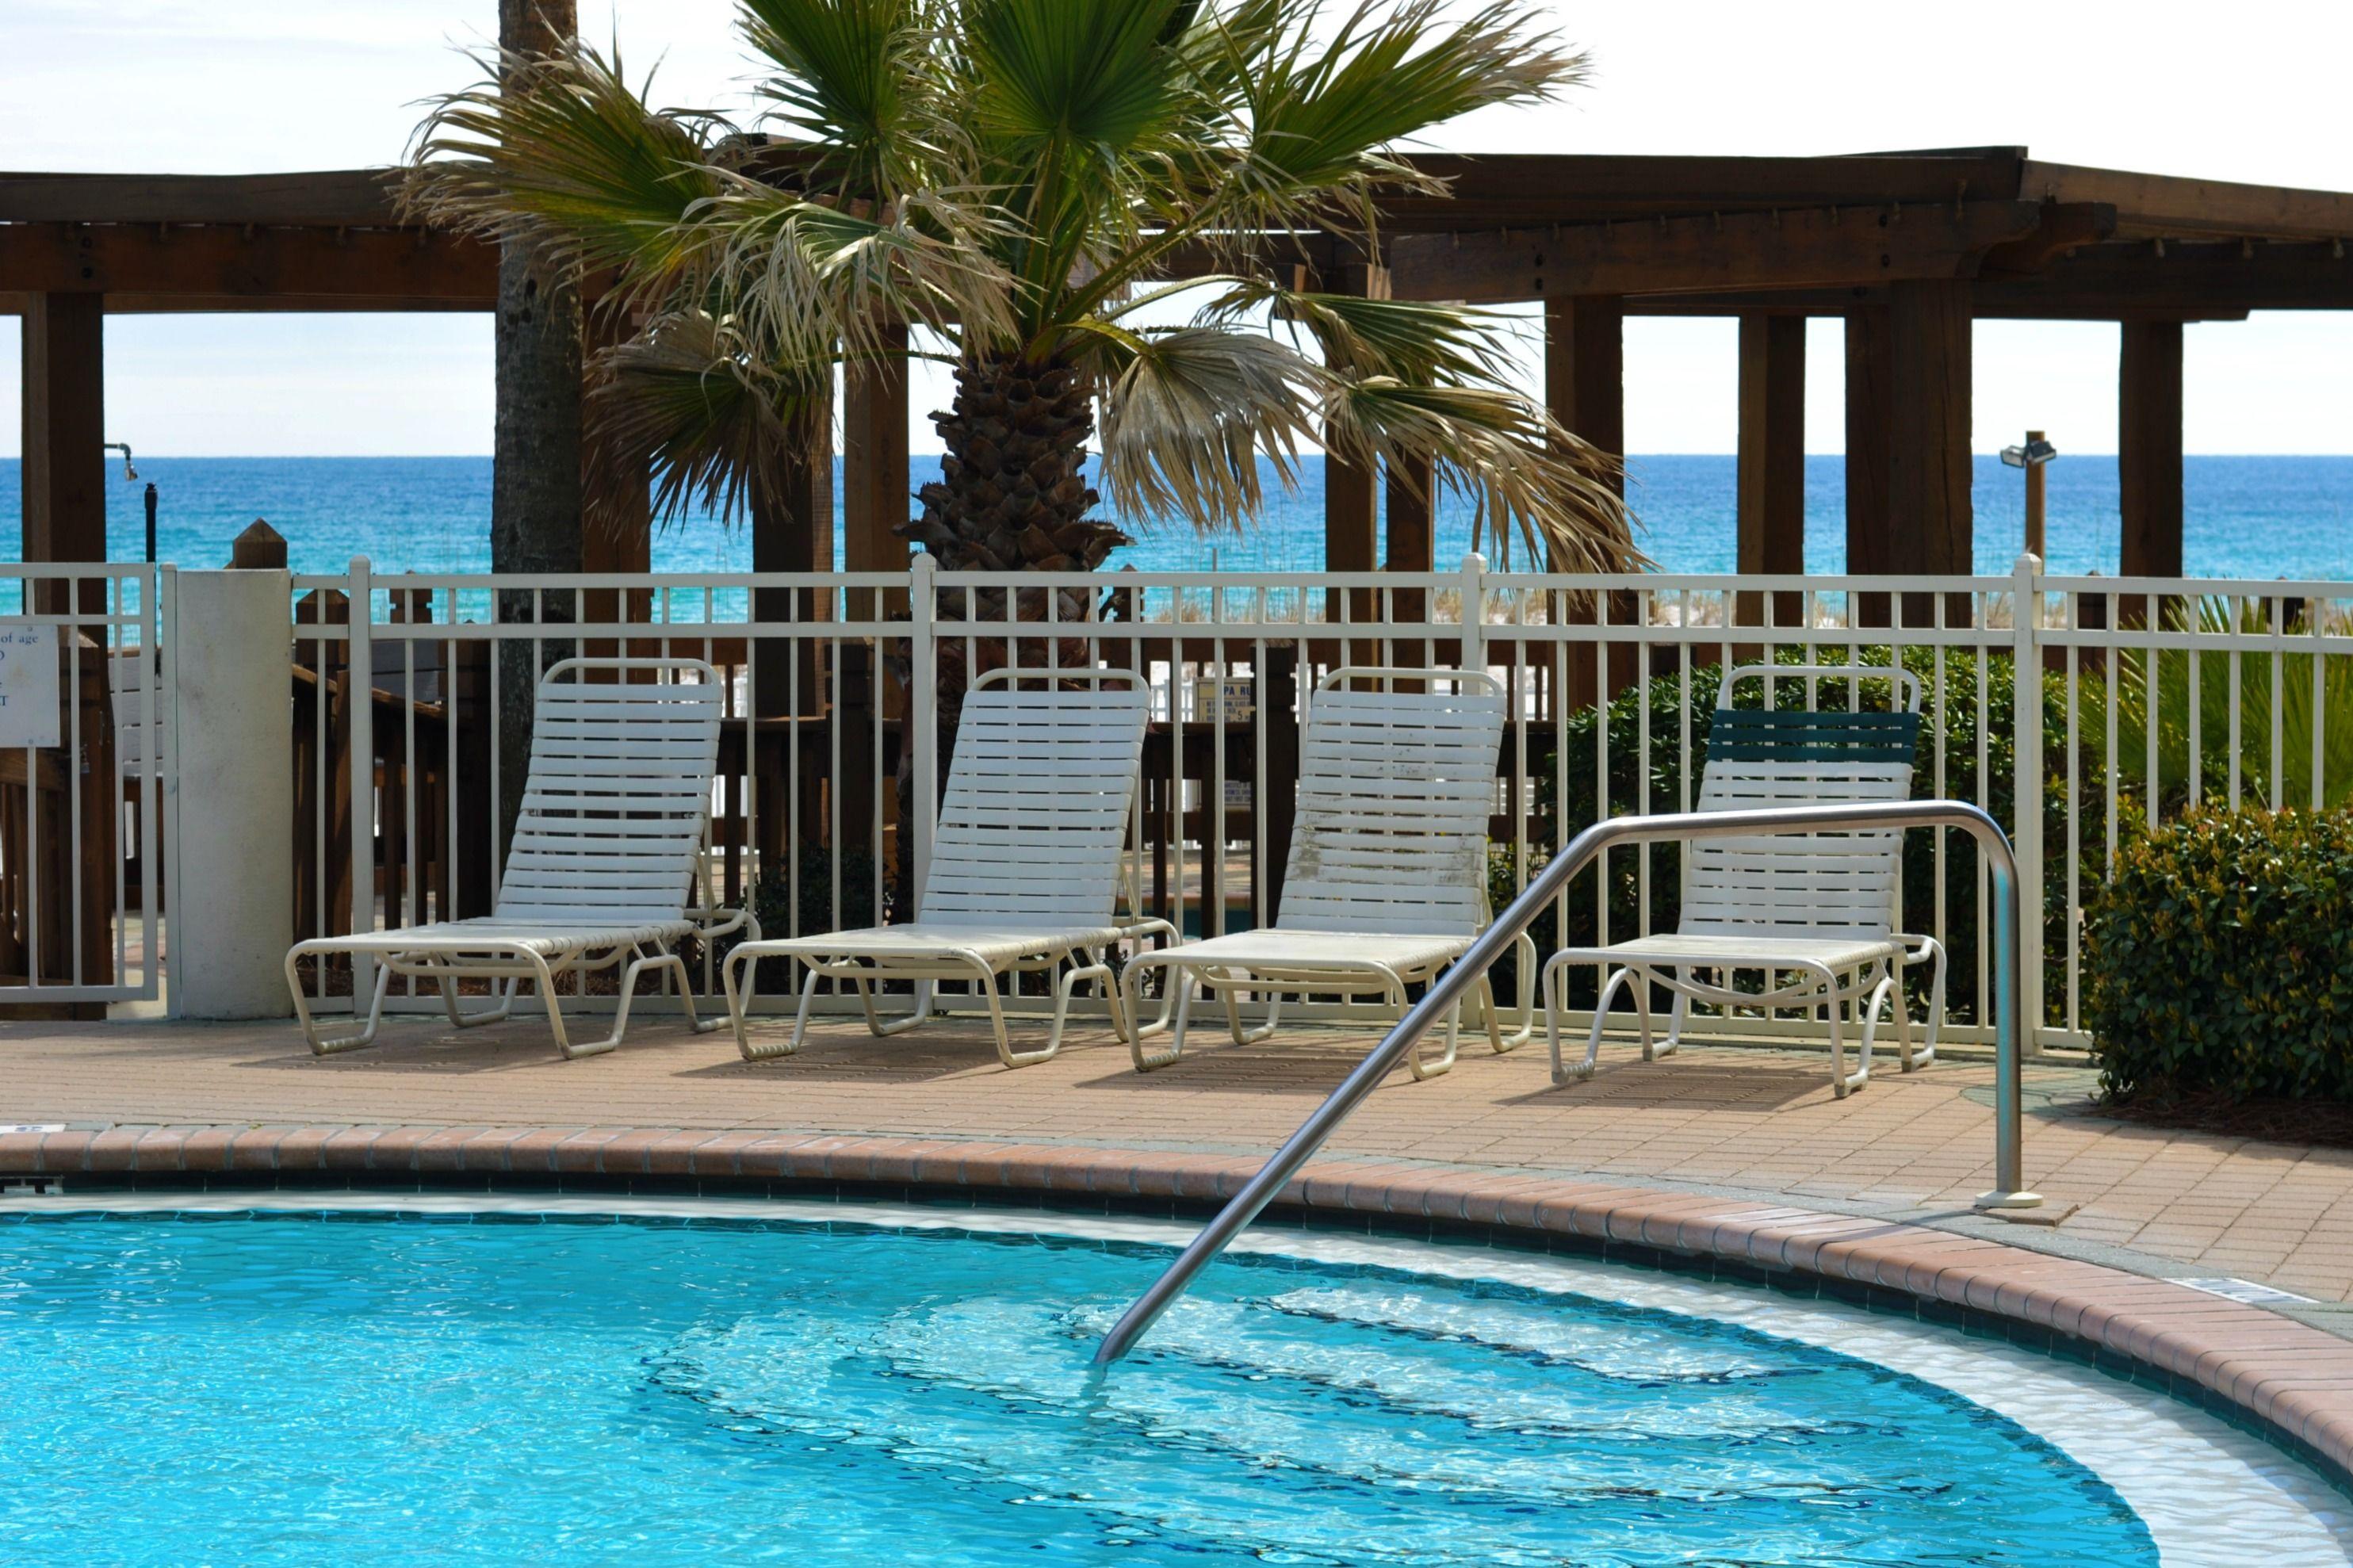 Destin florida vacation condo rentals at the resorts of